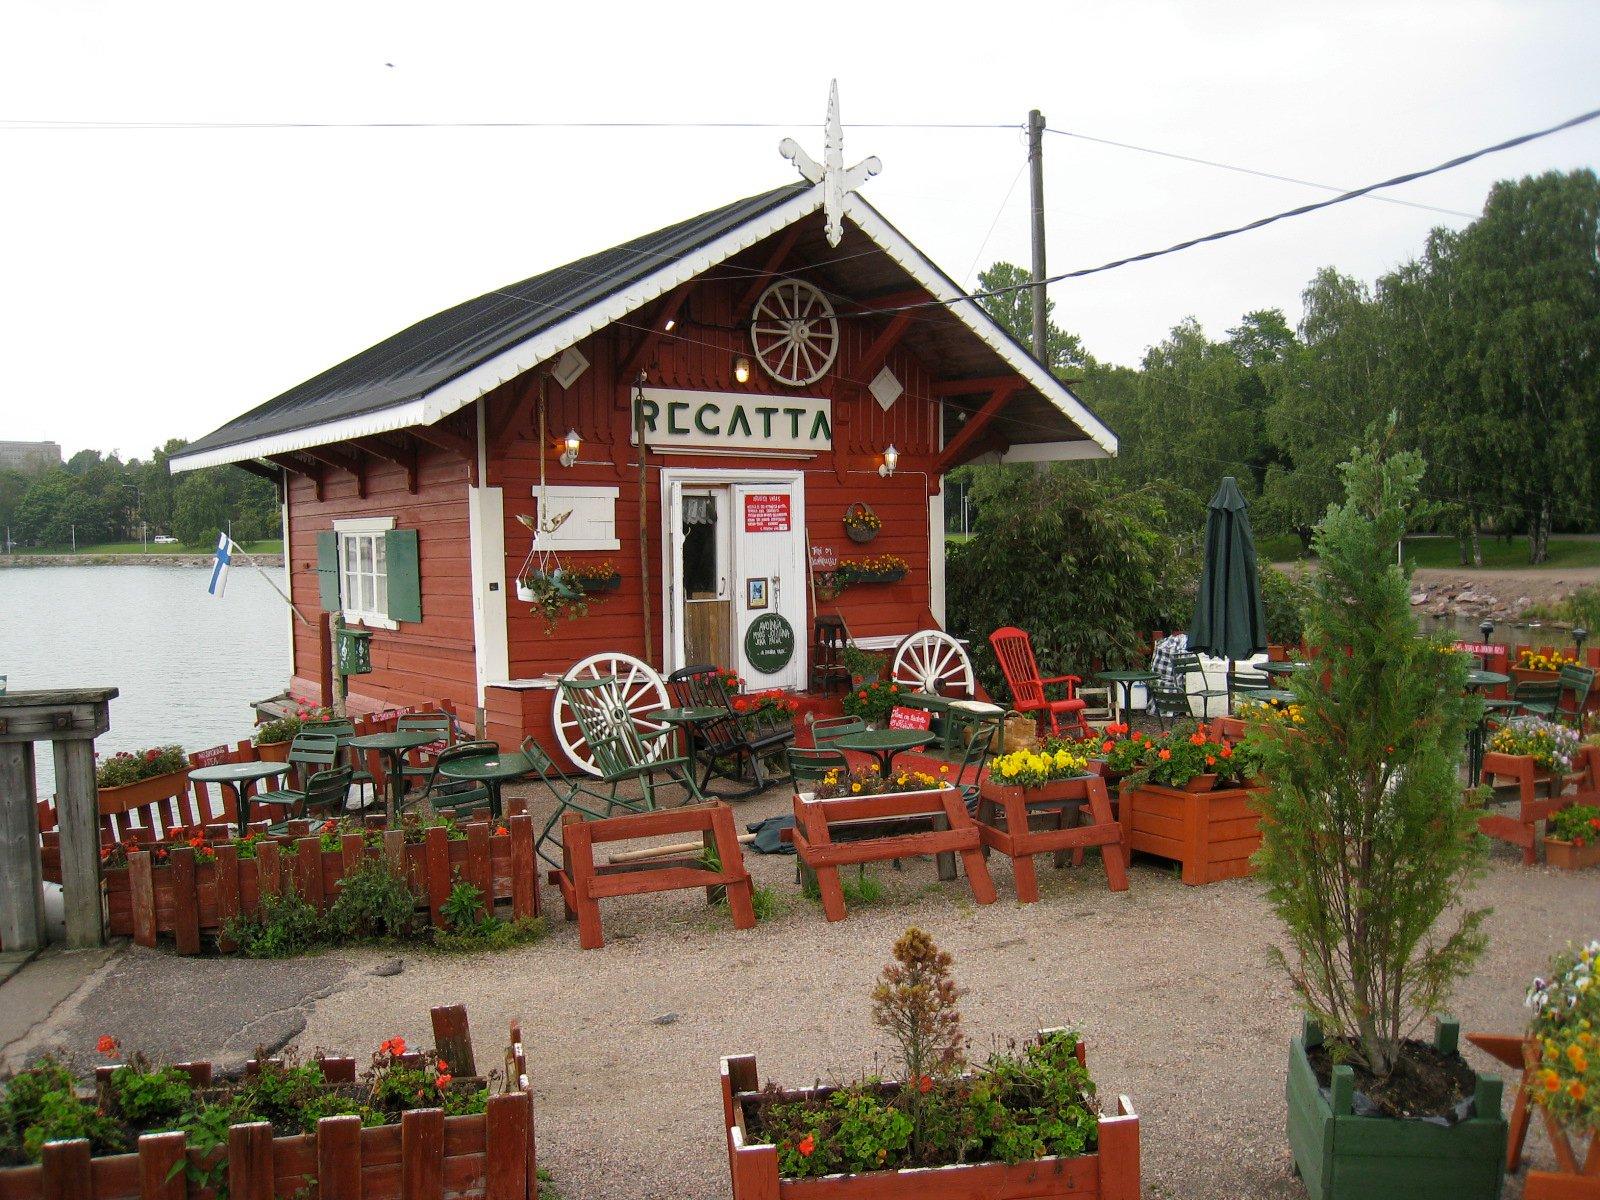 Cafe Regatta.jpg